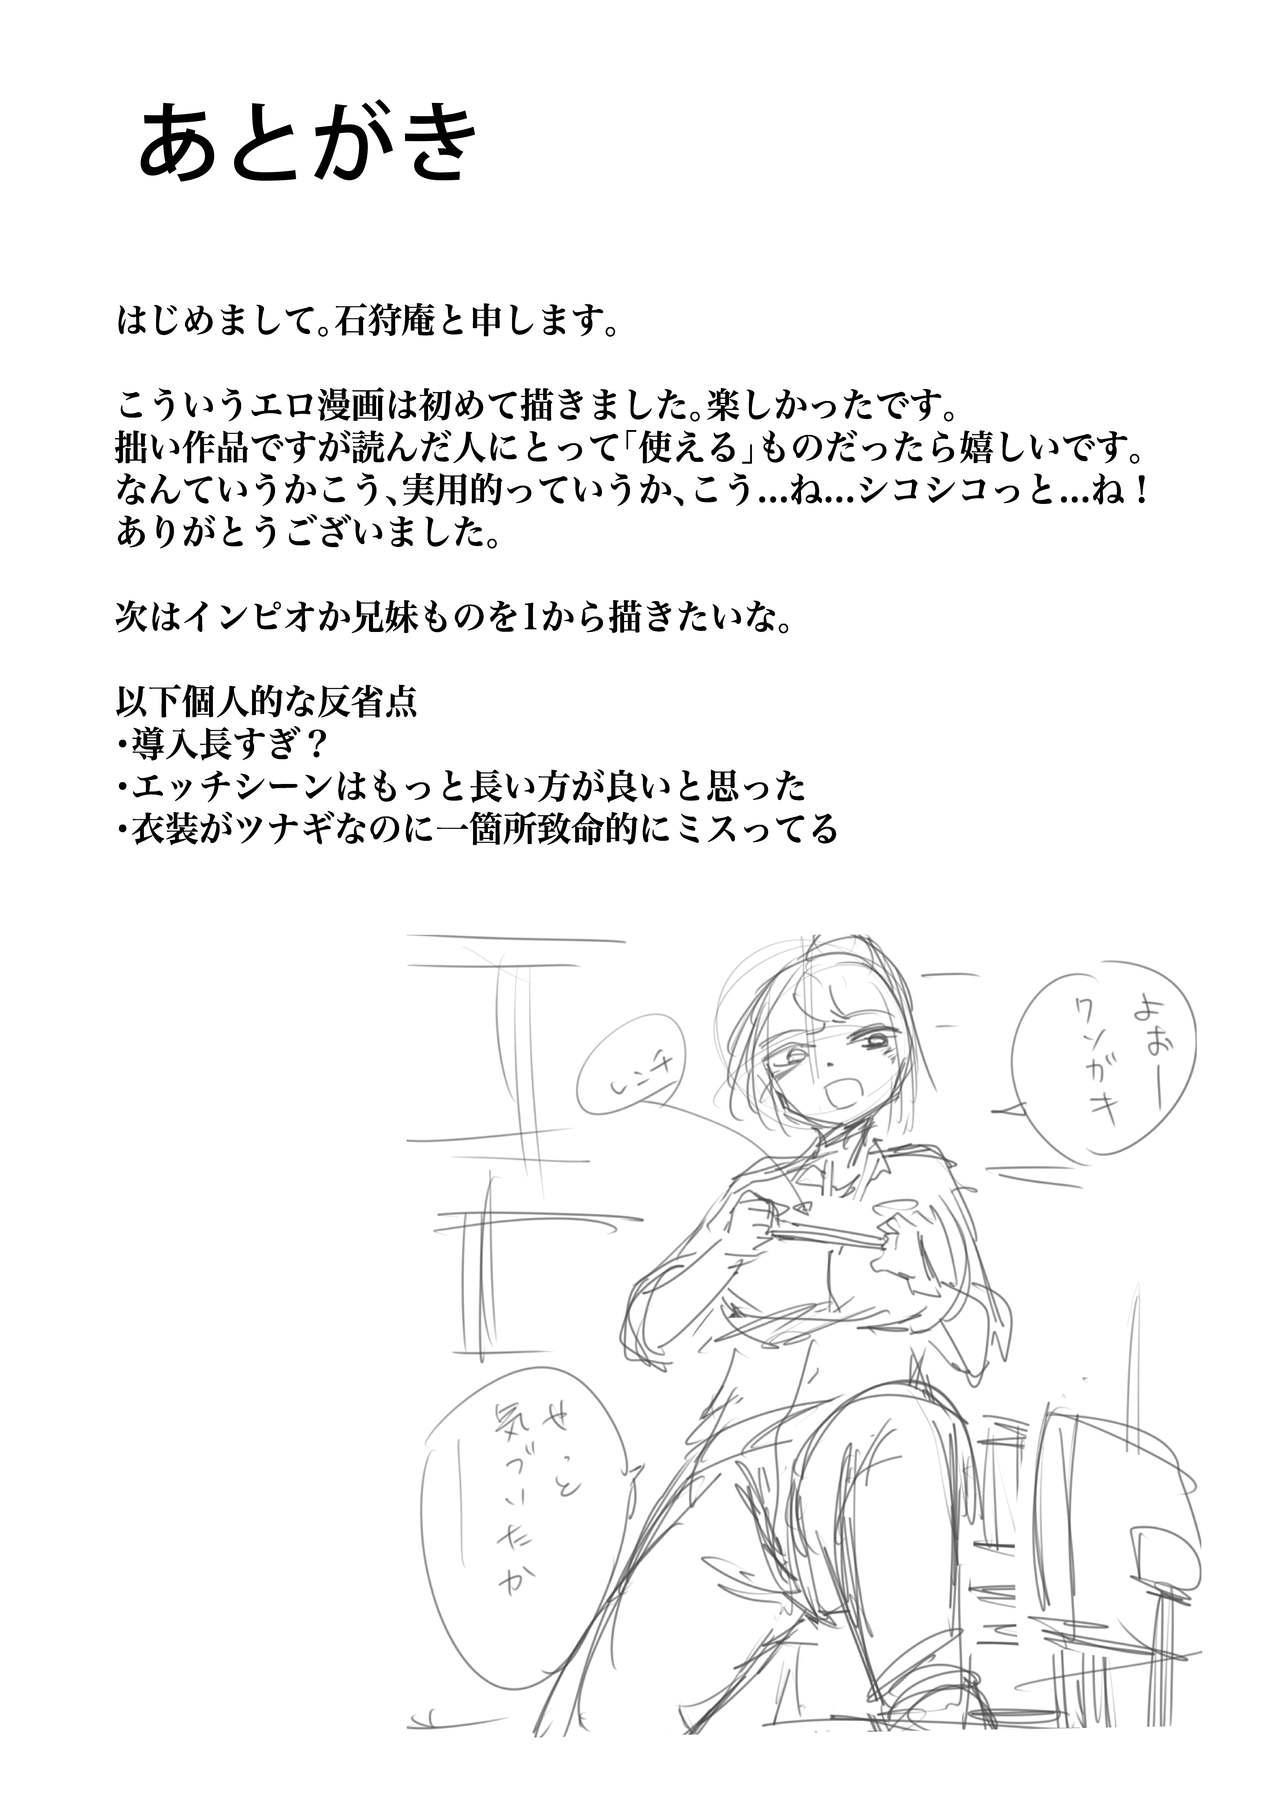 Tsunagi Gal ga Seisai Fudeoroshi 24